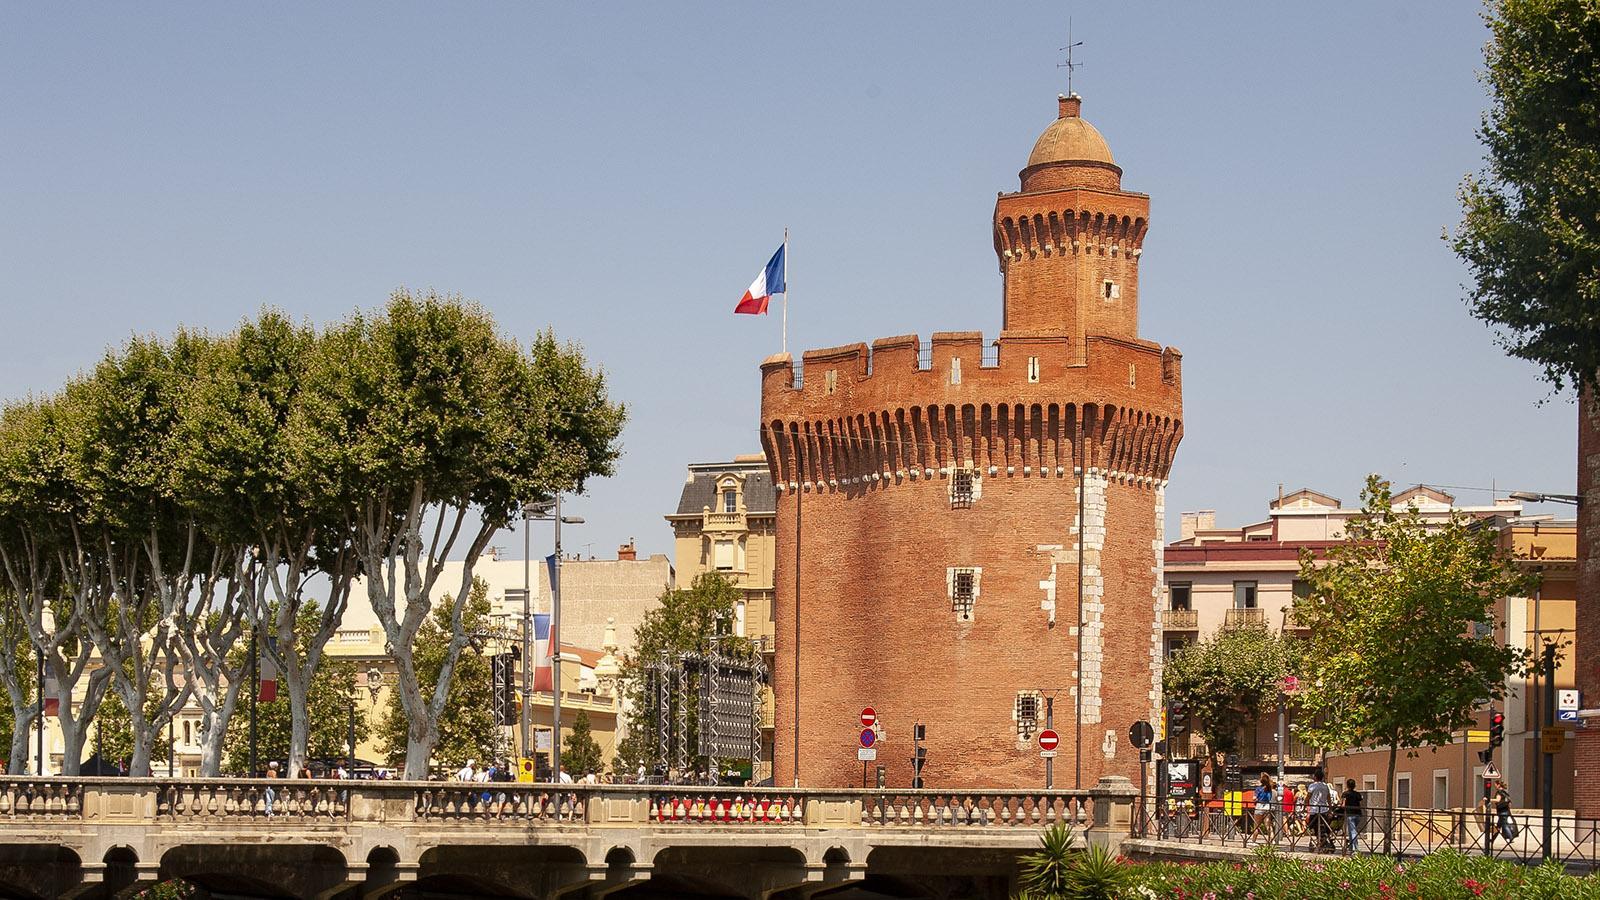 Castillet - das kleine Schlösschen von Perpignan. Foto: Hilke Maunder